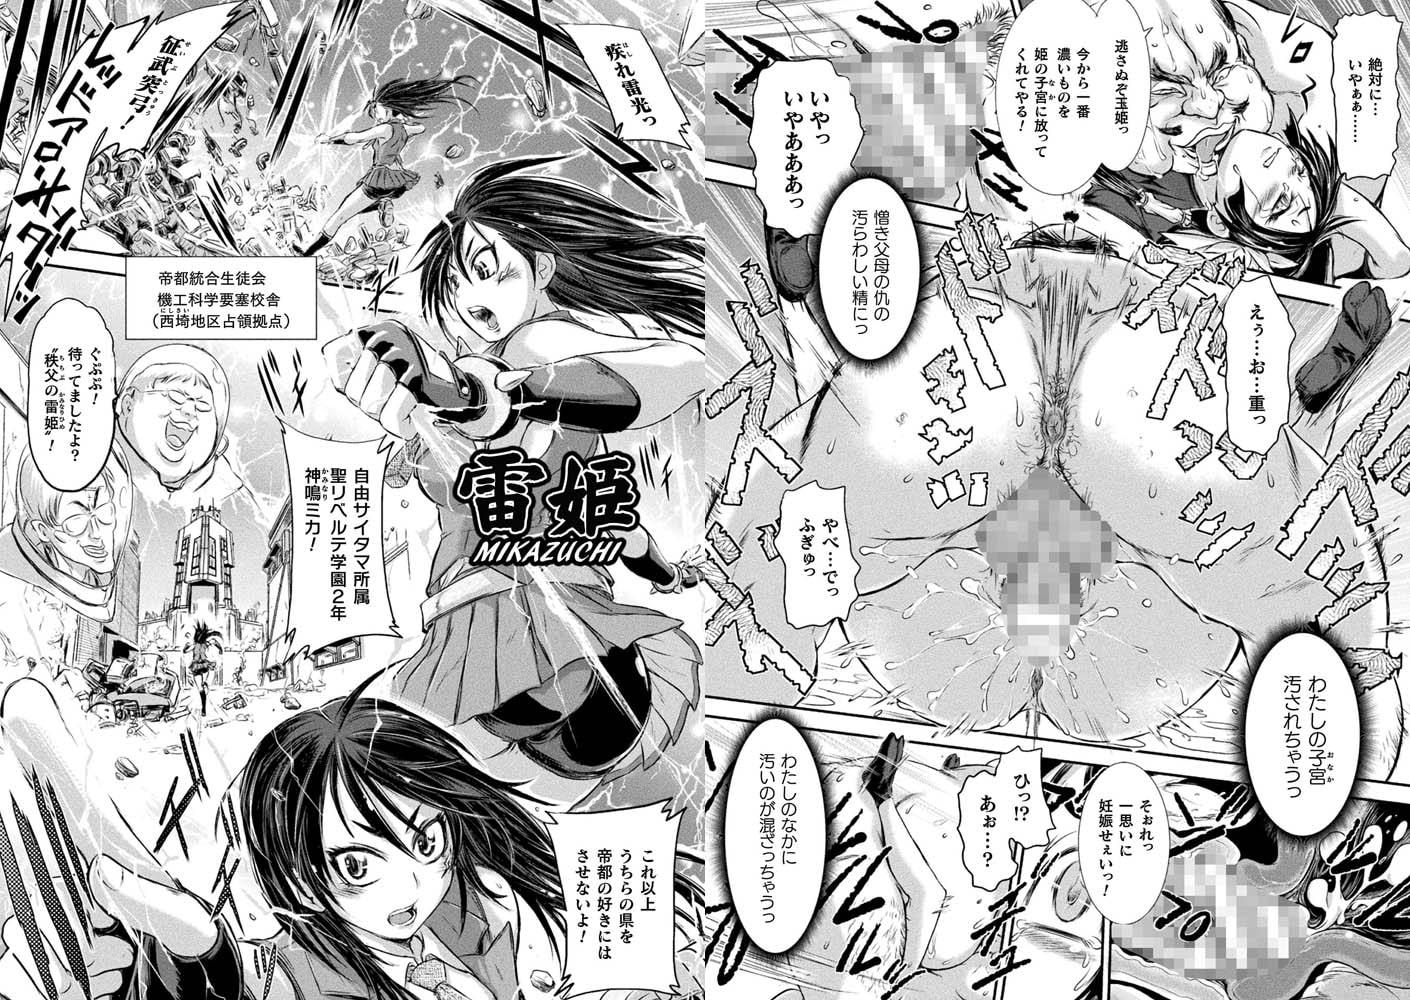 【触手】石野鐘音先生2冊パック(202010) サンプル画像20